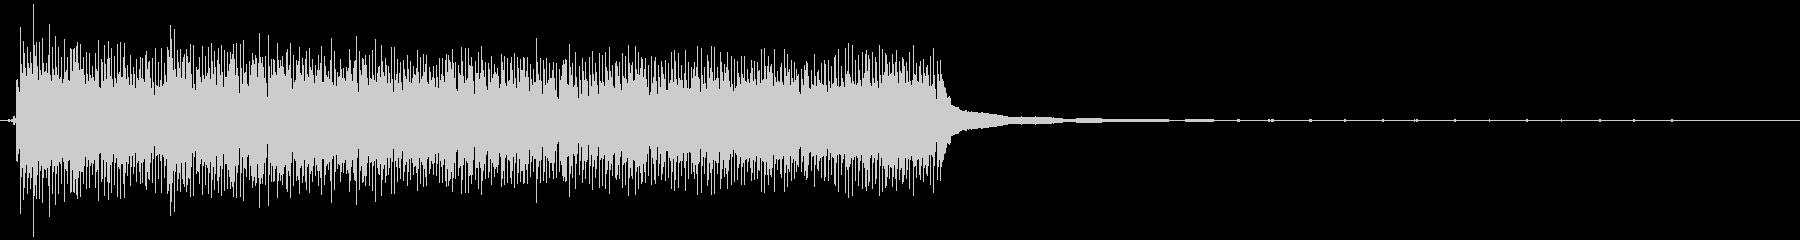 目覚まし時計の呼び出し音の未再生の波形